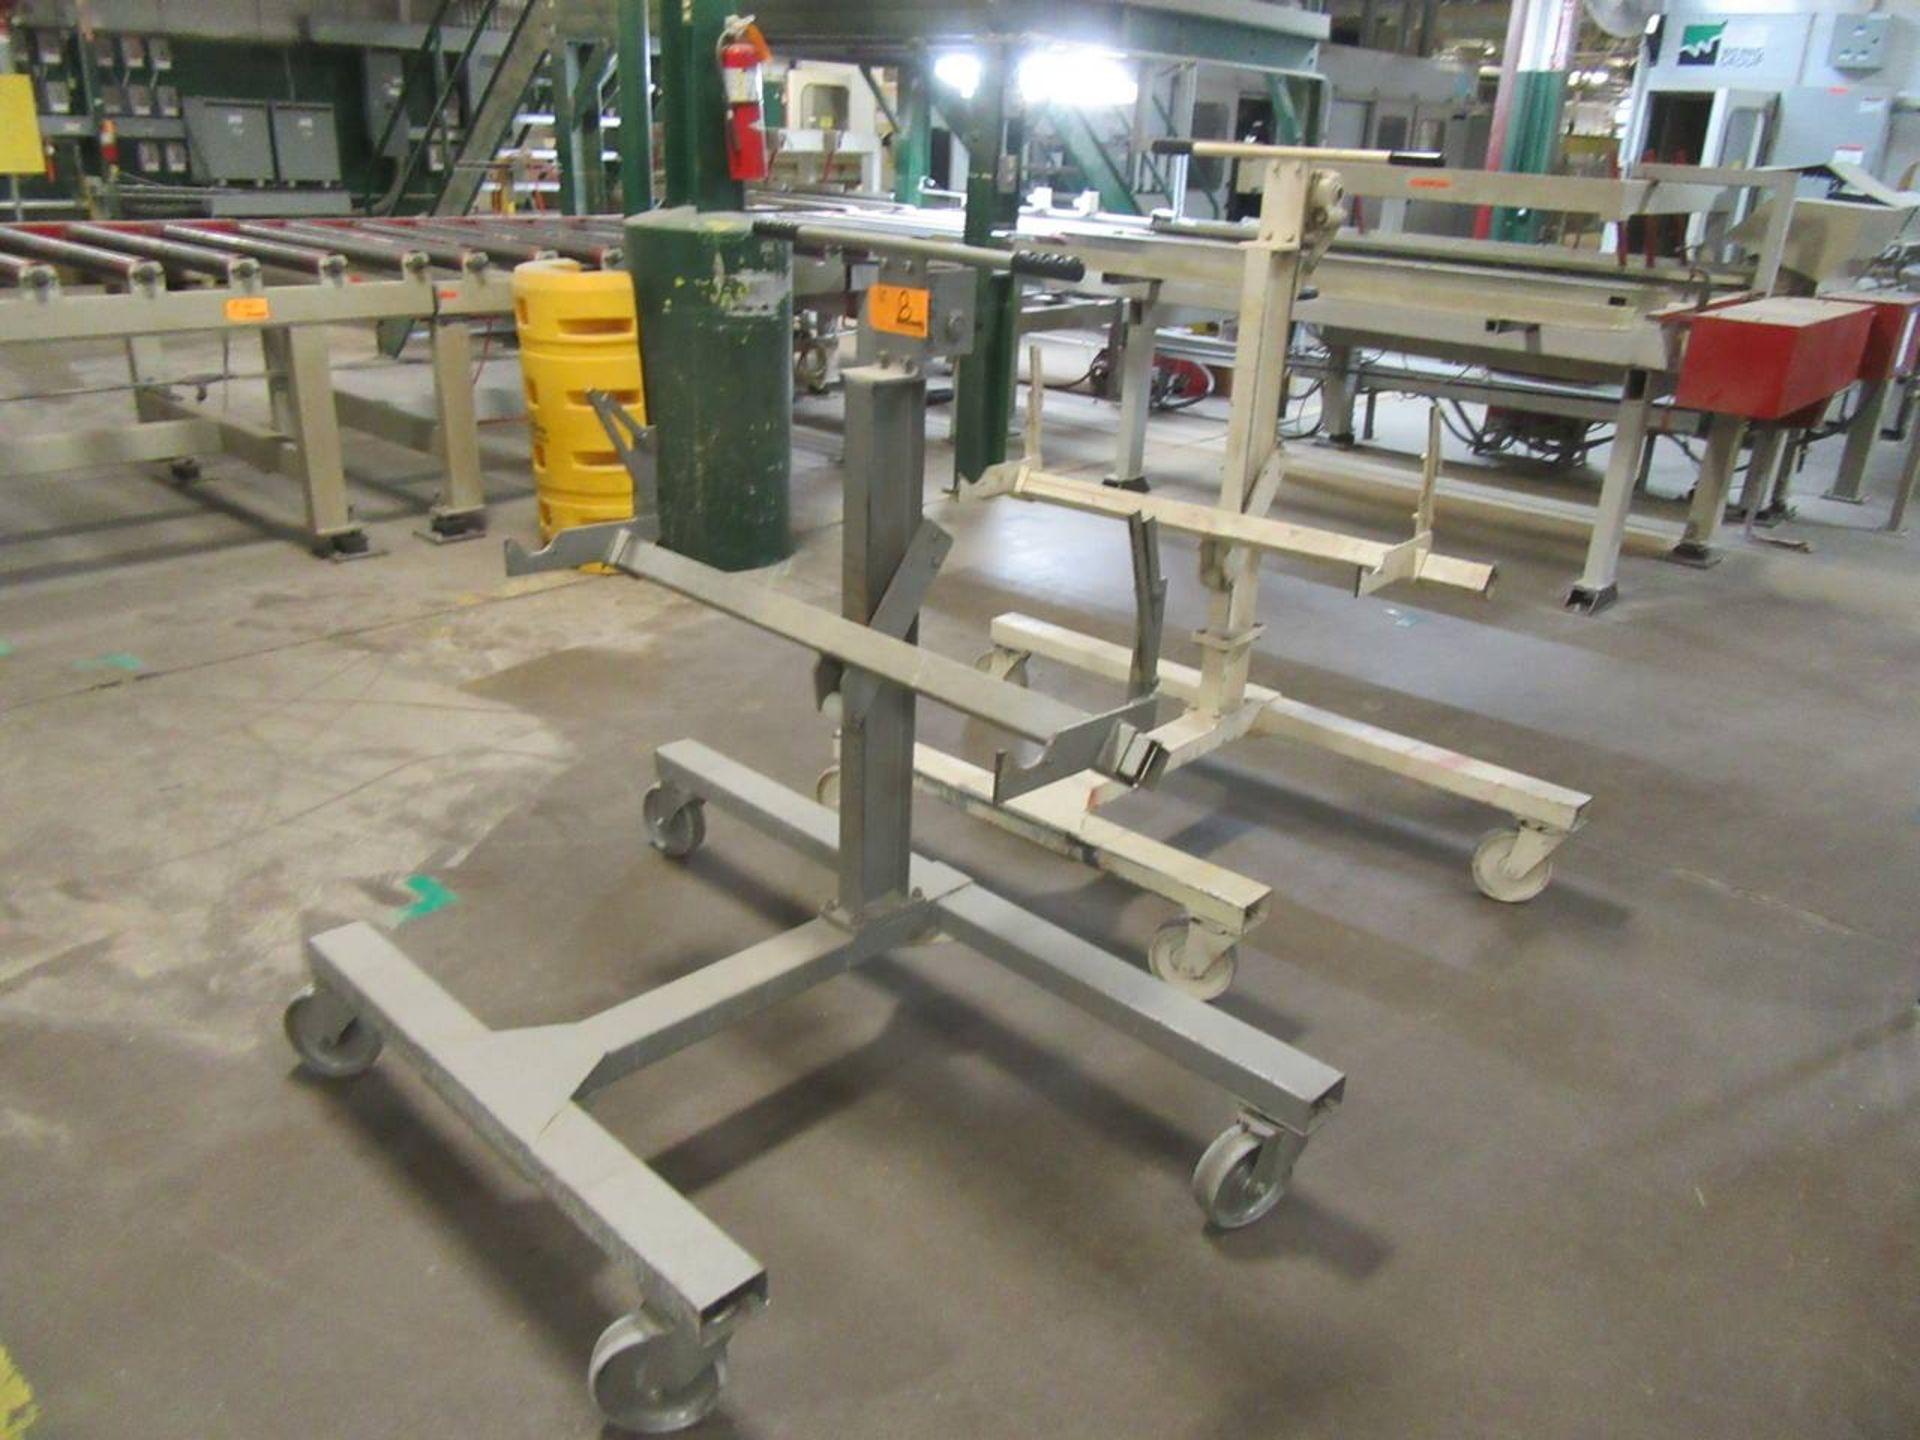 Lot 8 - (2) Carts